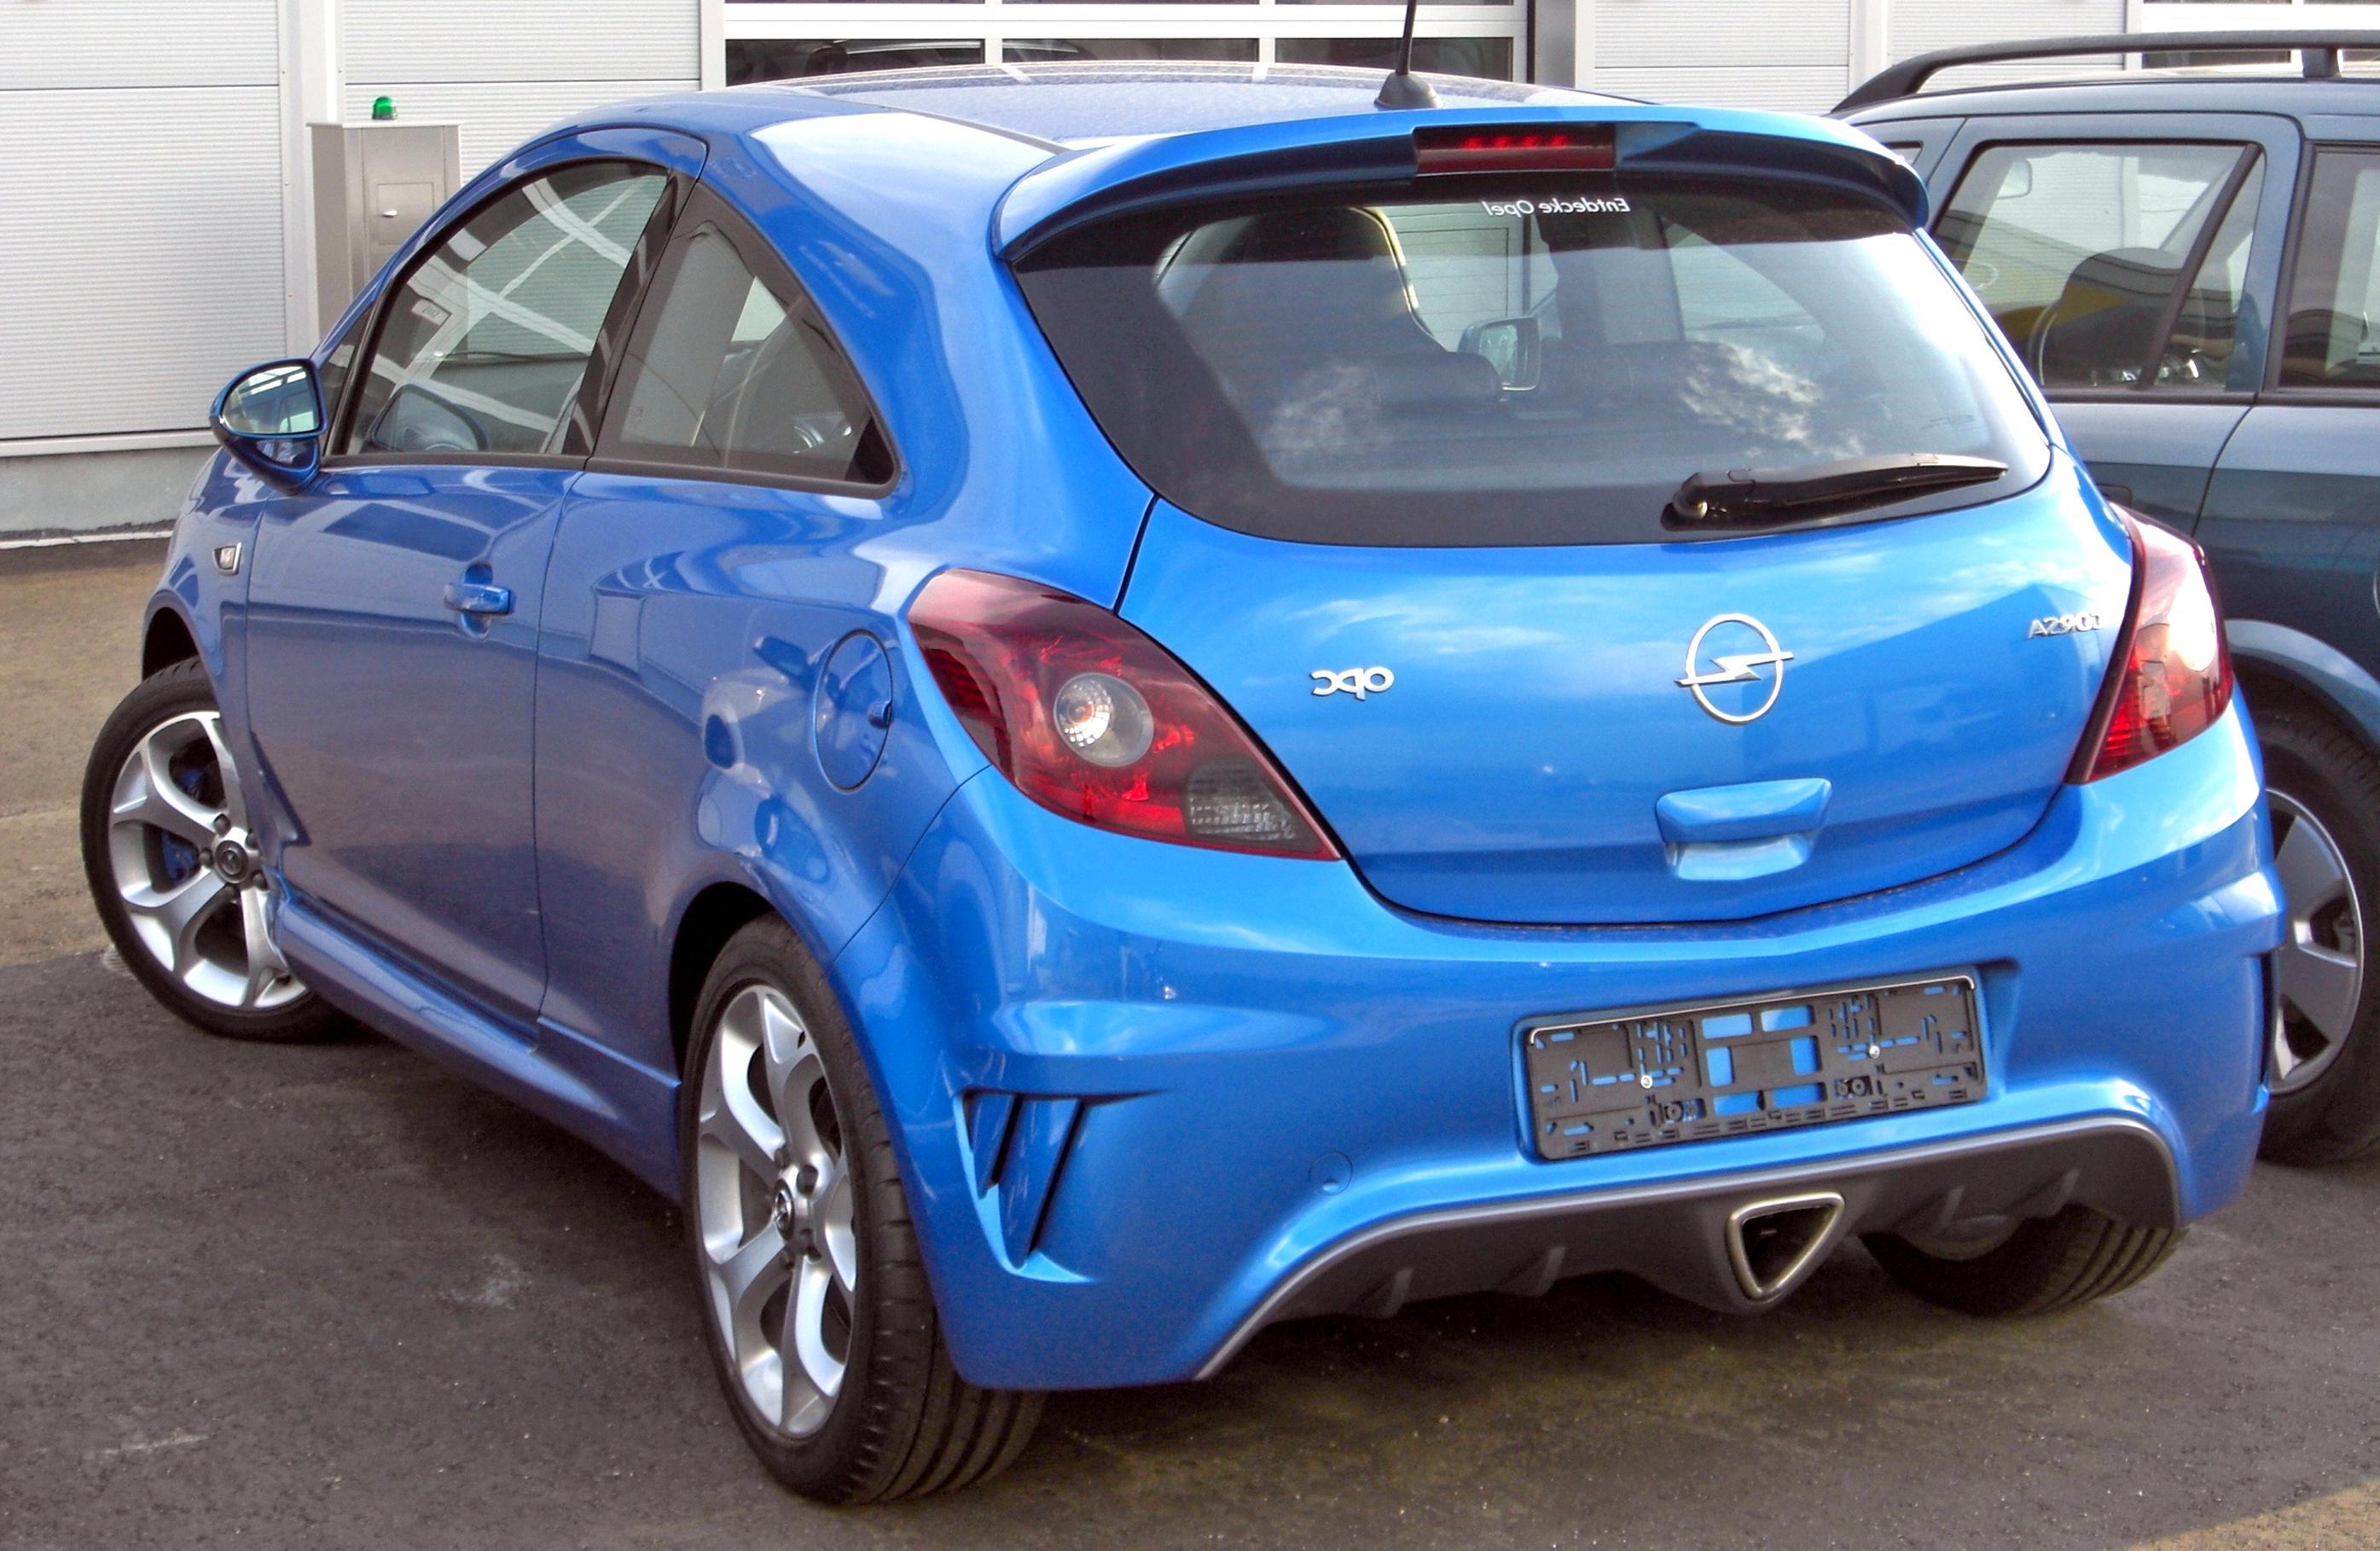 Opel D Corsa Opc gebraucht kaufen! Nur 2 St. bis -75% ...